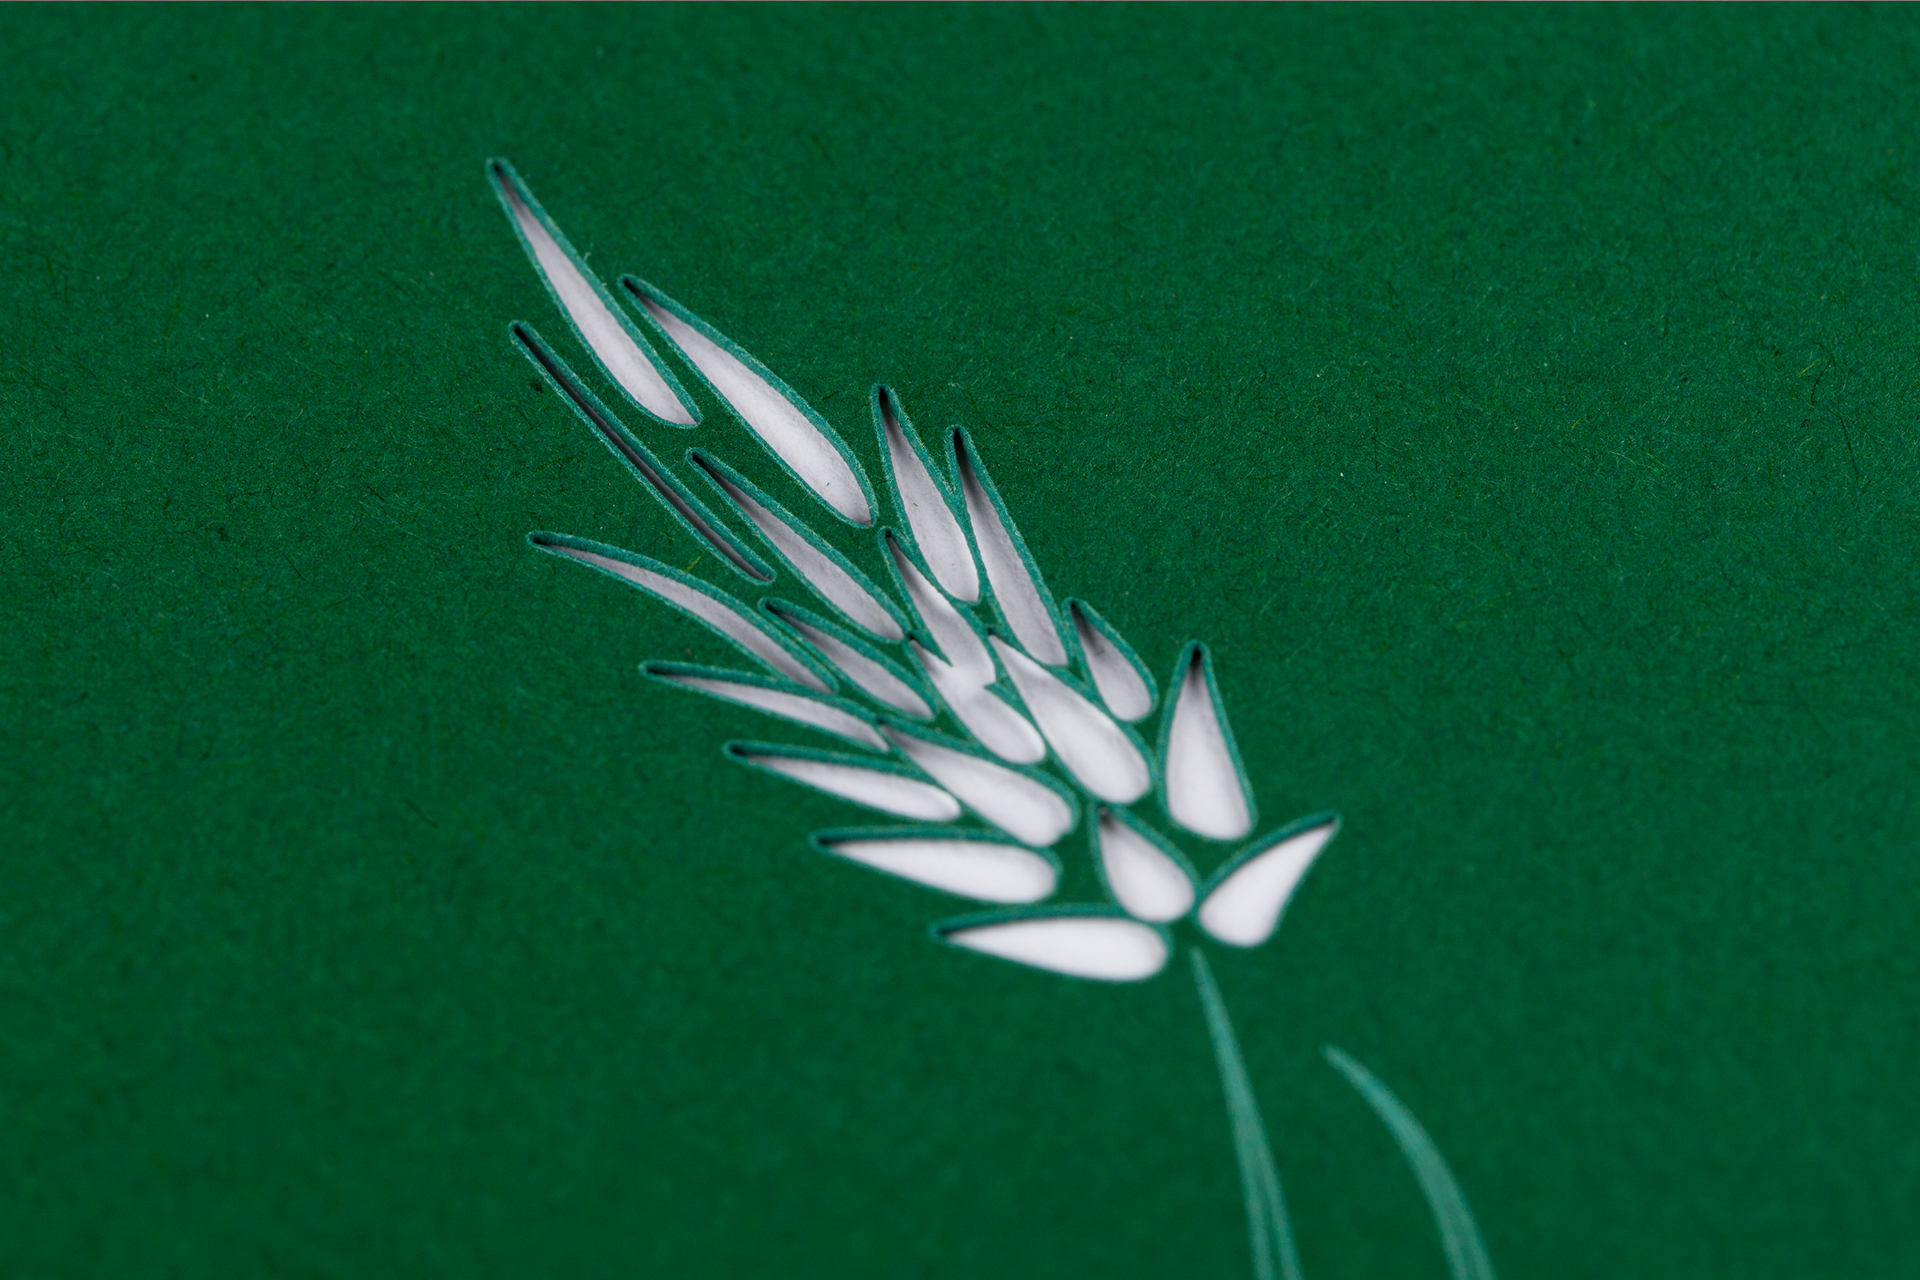 Detail eines Laserschnitts auf hellem Material